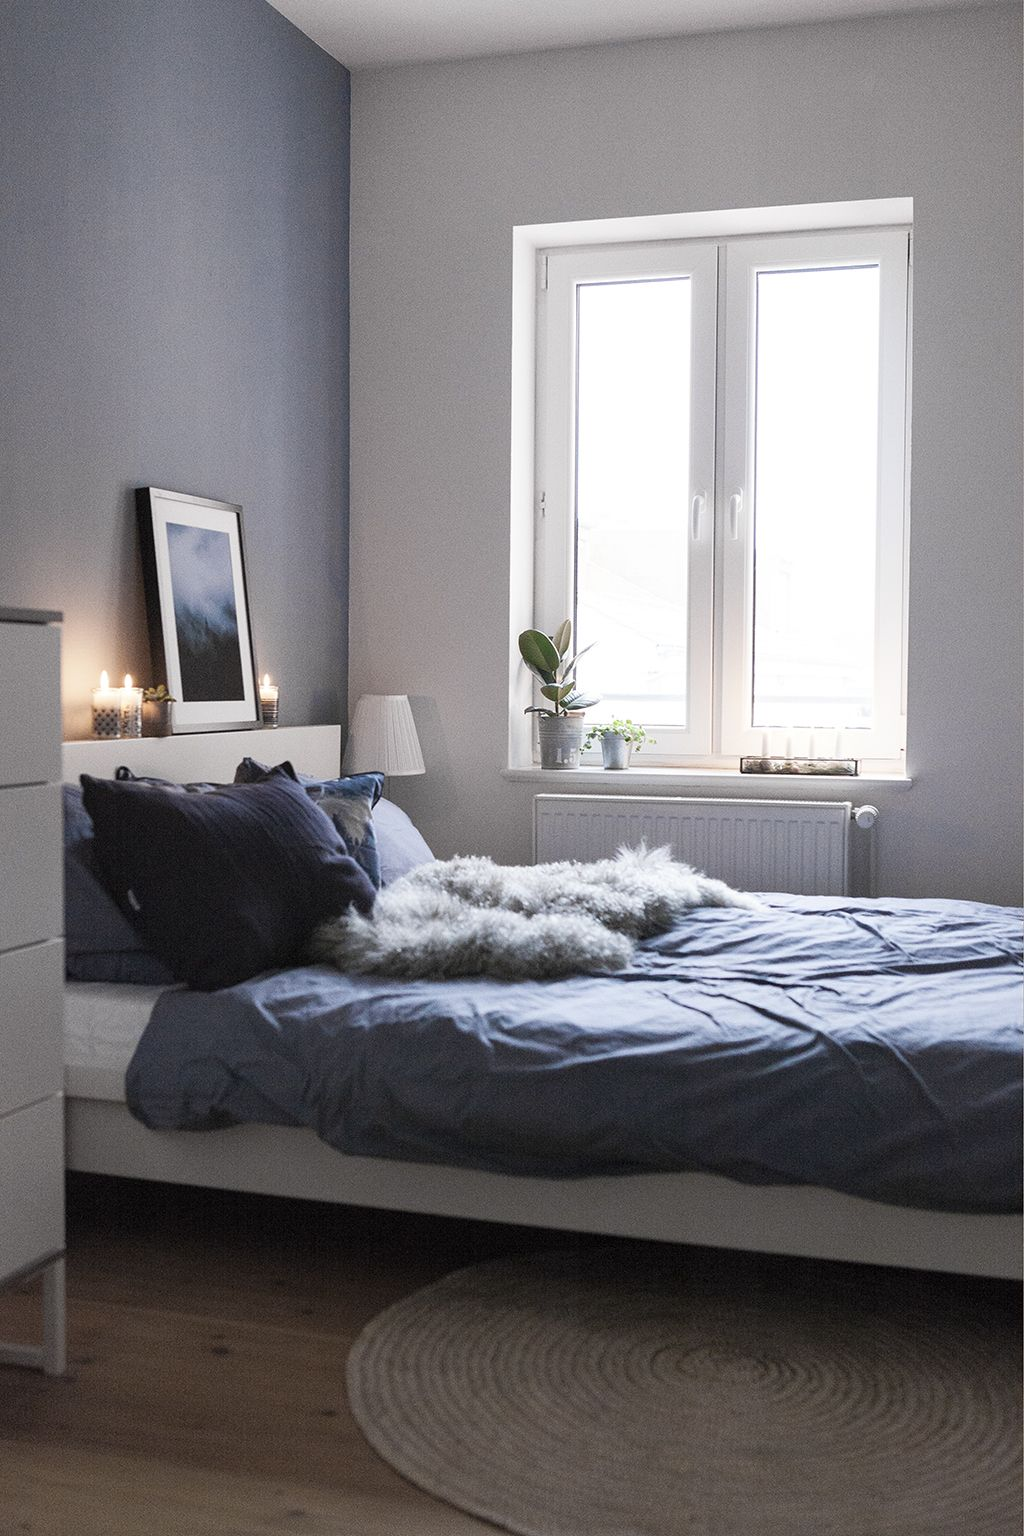 Neue Wohnung   Neue Ideen   Schlafzimmer